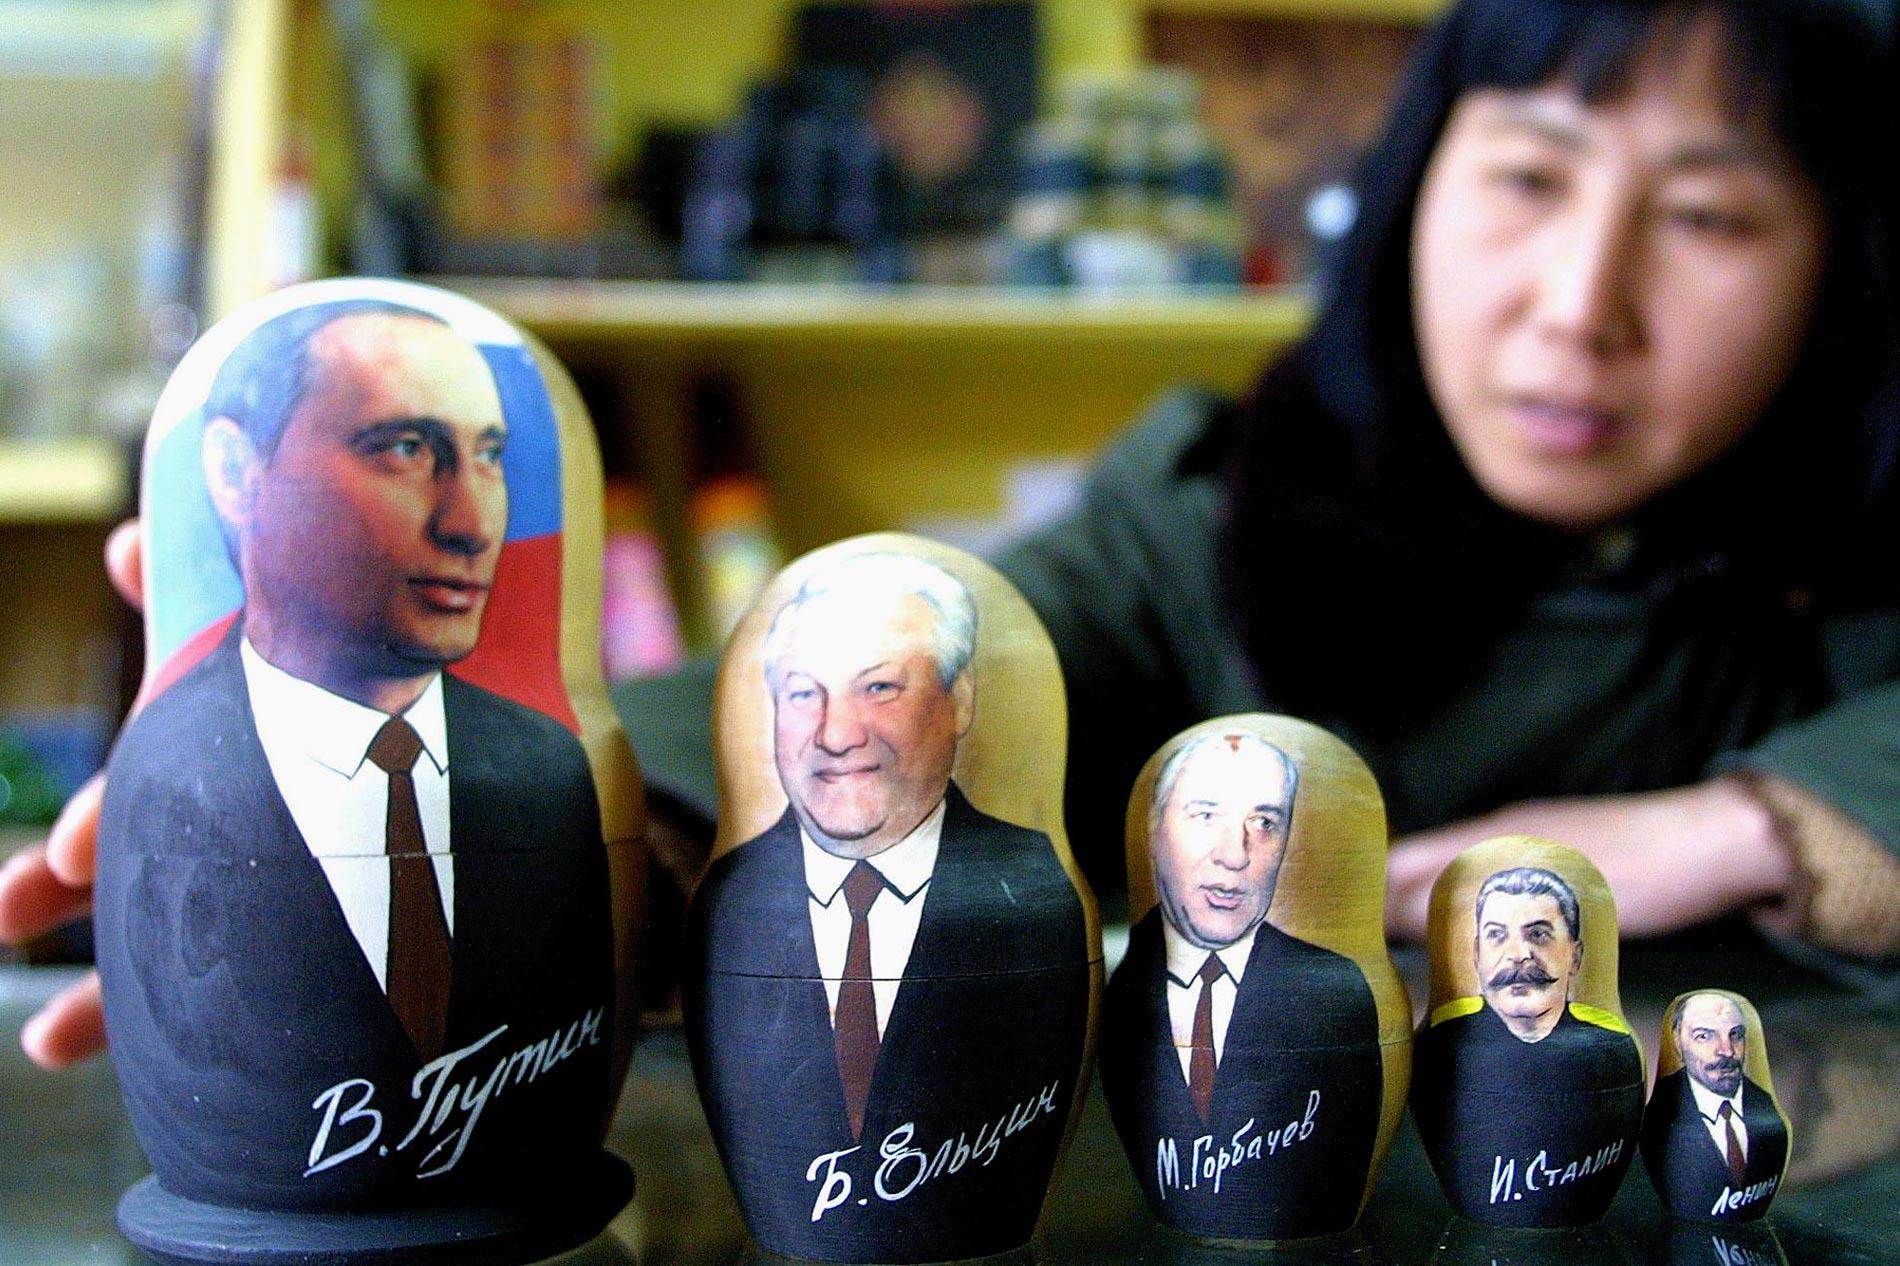 gettyimages 51405925 - <b>Білорусь і Росія підпишуть дорожні карти з інтеграції.</b> Тепер вони будуть однією державою? Ні, але процес злиття не зупинити - Заборона